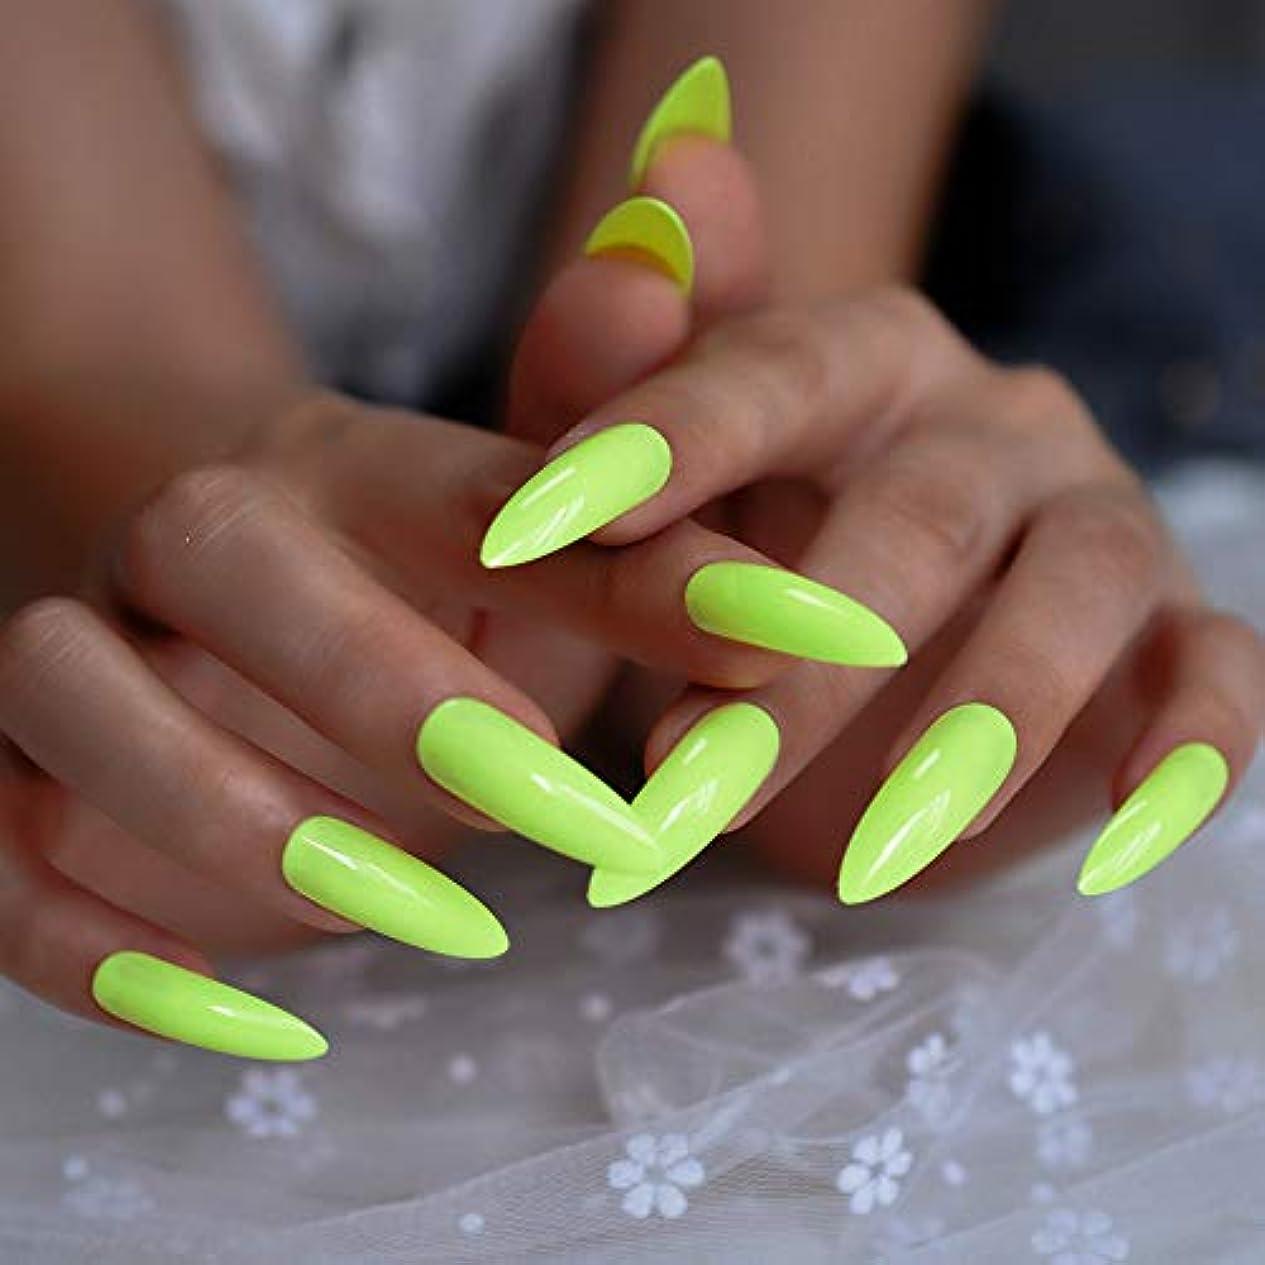 薄い乱用レパートリーXUTXZKA 偽の指の爪に余分な長い指を指すグリーンプレス